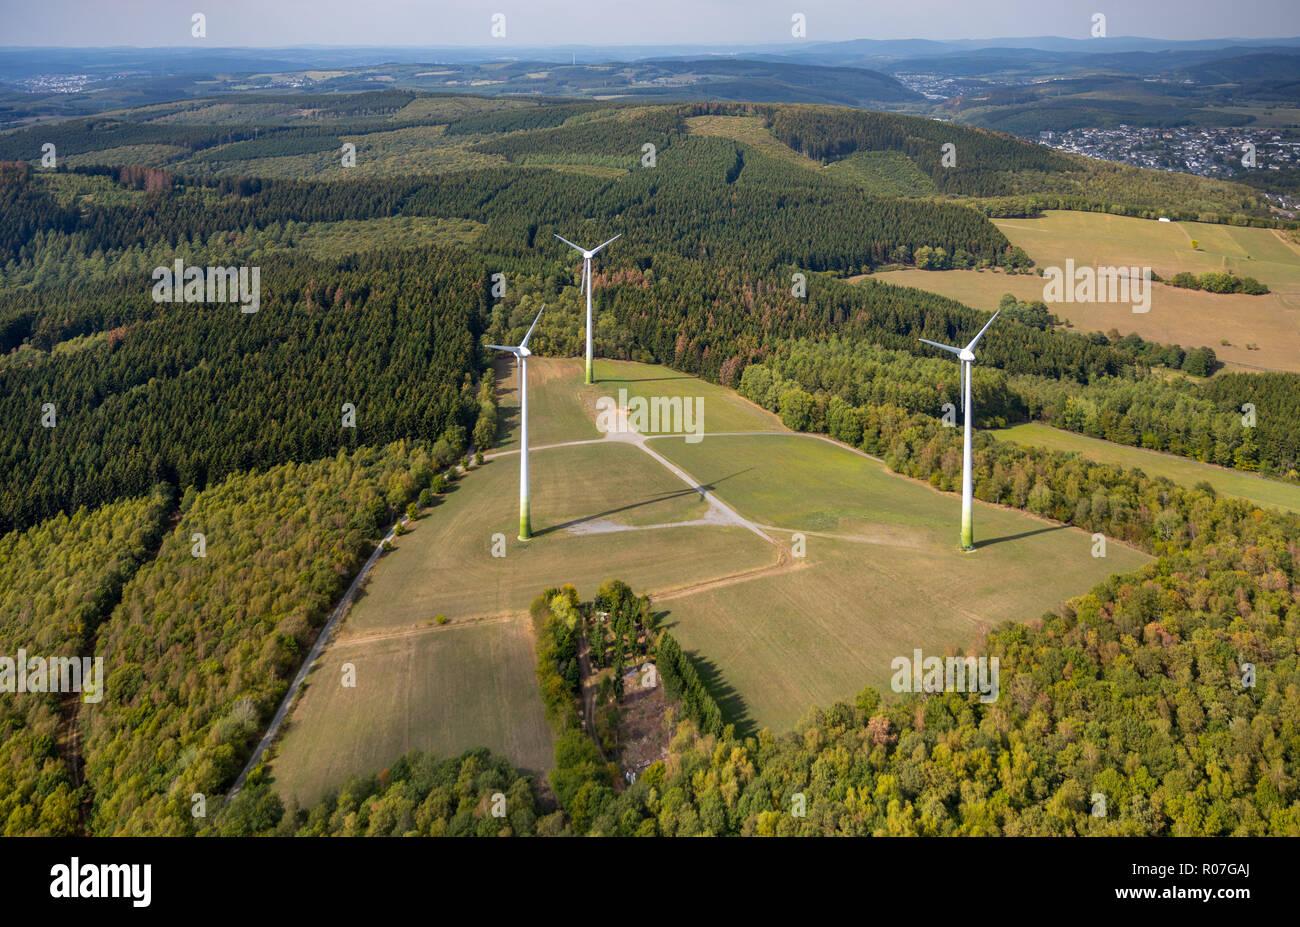 Luftaufnahme, Windkraftanlage Salchendorf, Windenergie, naturverträgliche Energie, , Netphen, Siegerland, Kreis Siegen-Wittgenstein, Nordrhein-Westfal - Stock Image